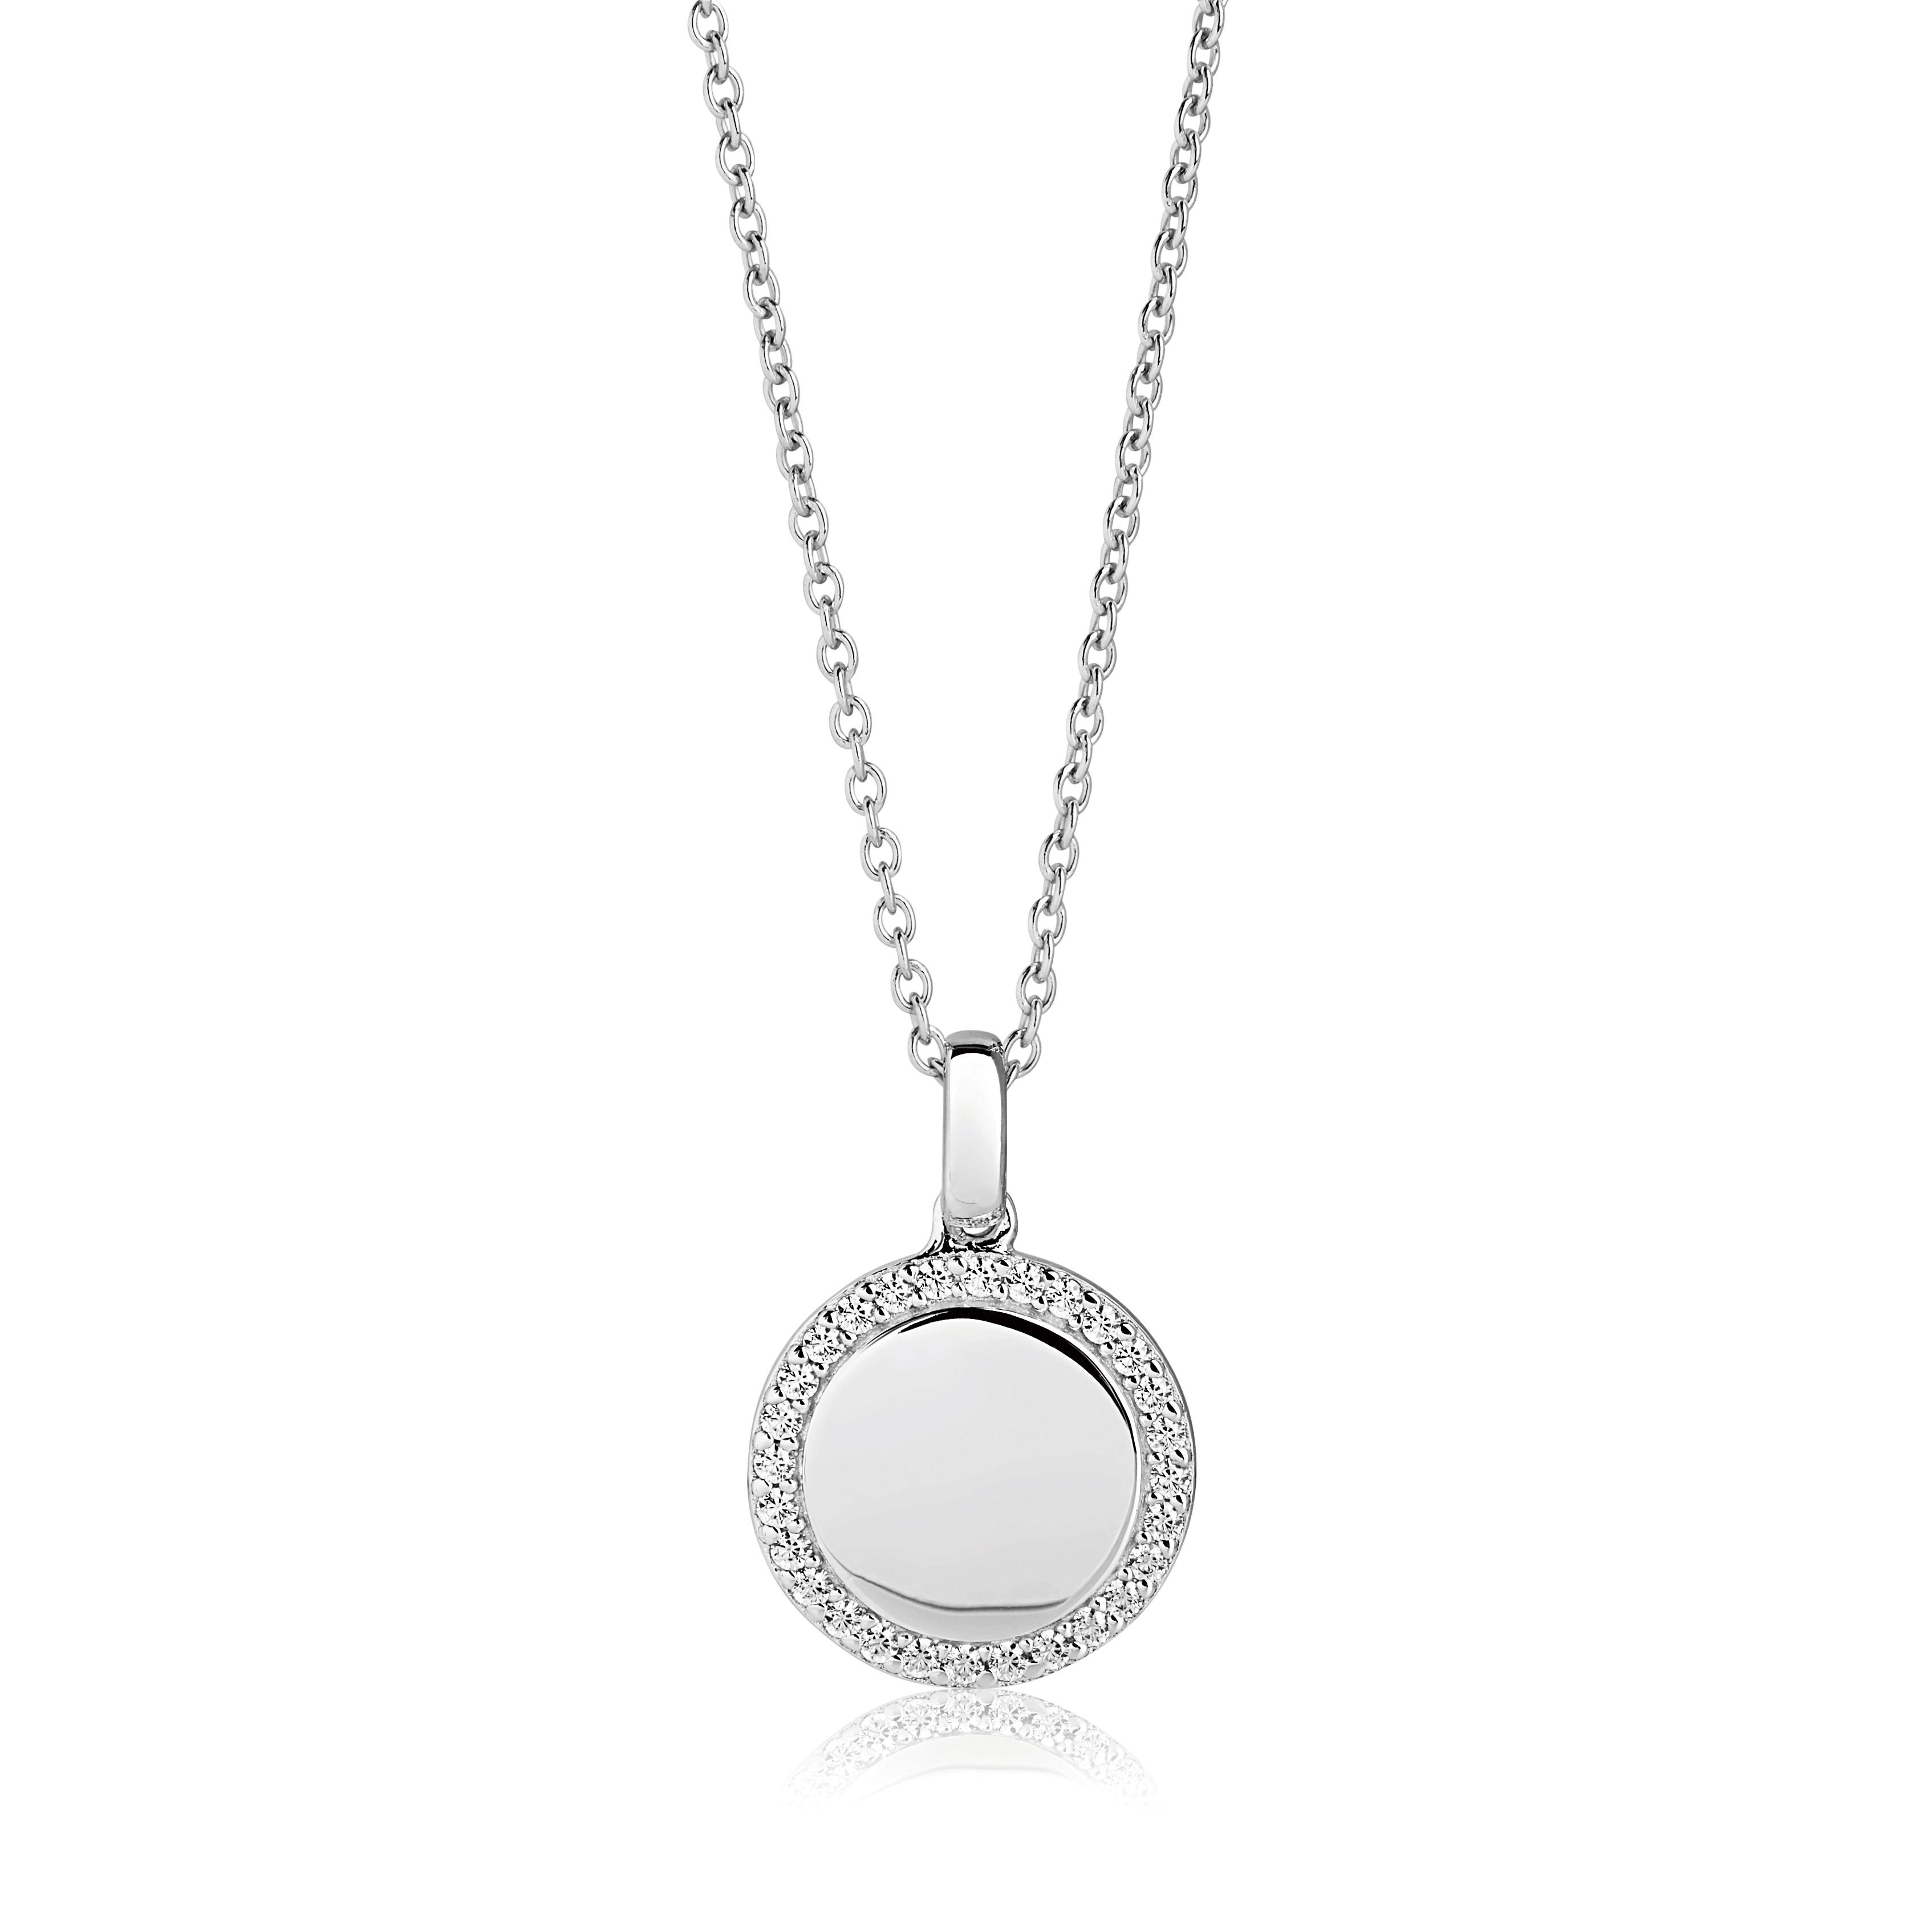 Sif Jakobs Follina halskæde, rundt pladevedhæng i sølv med cubic zirkoner 90 cm